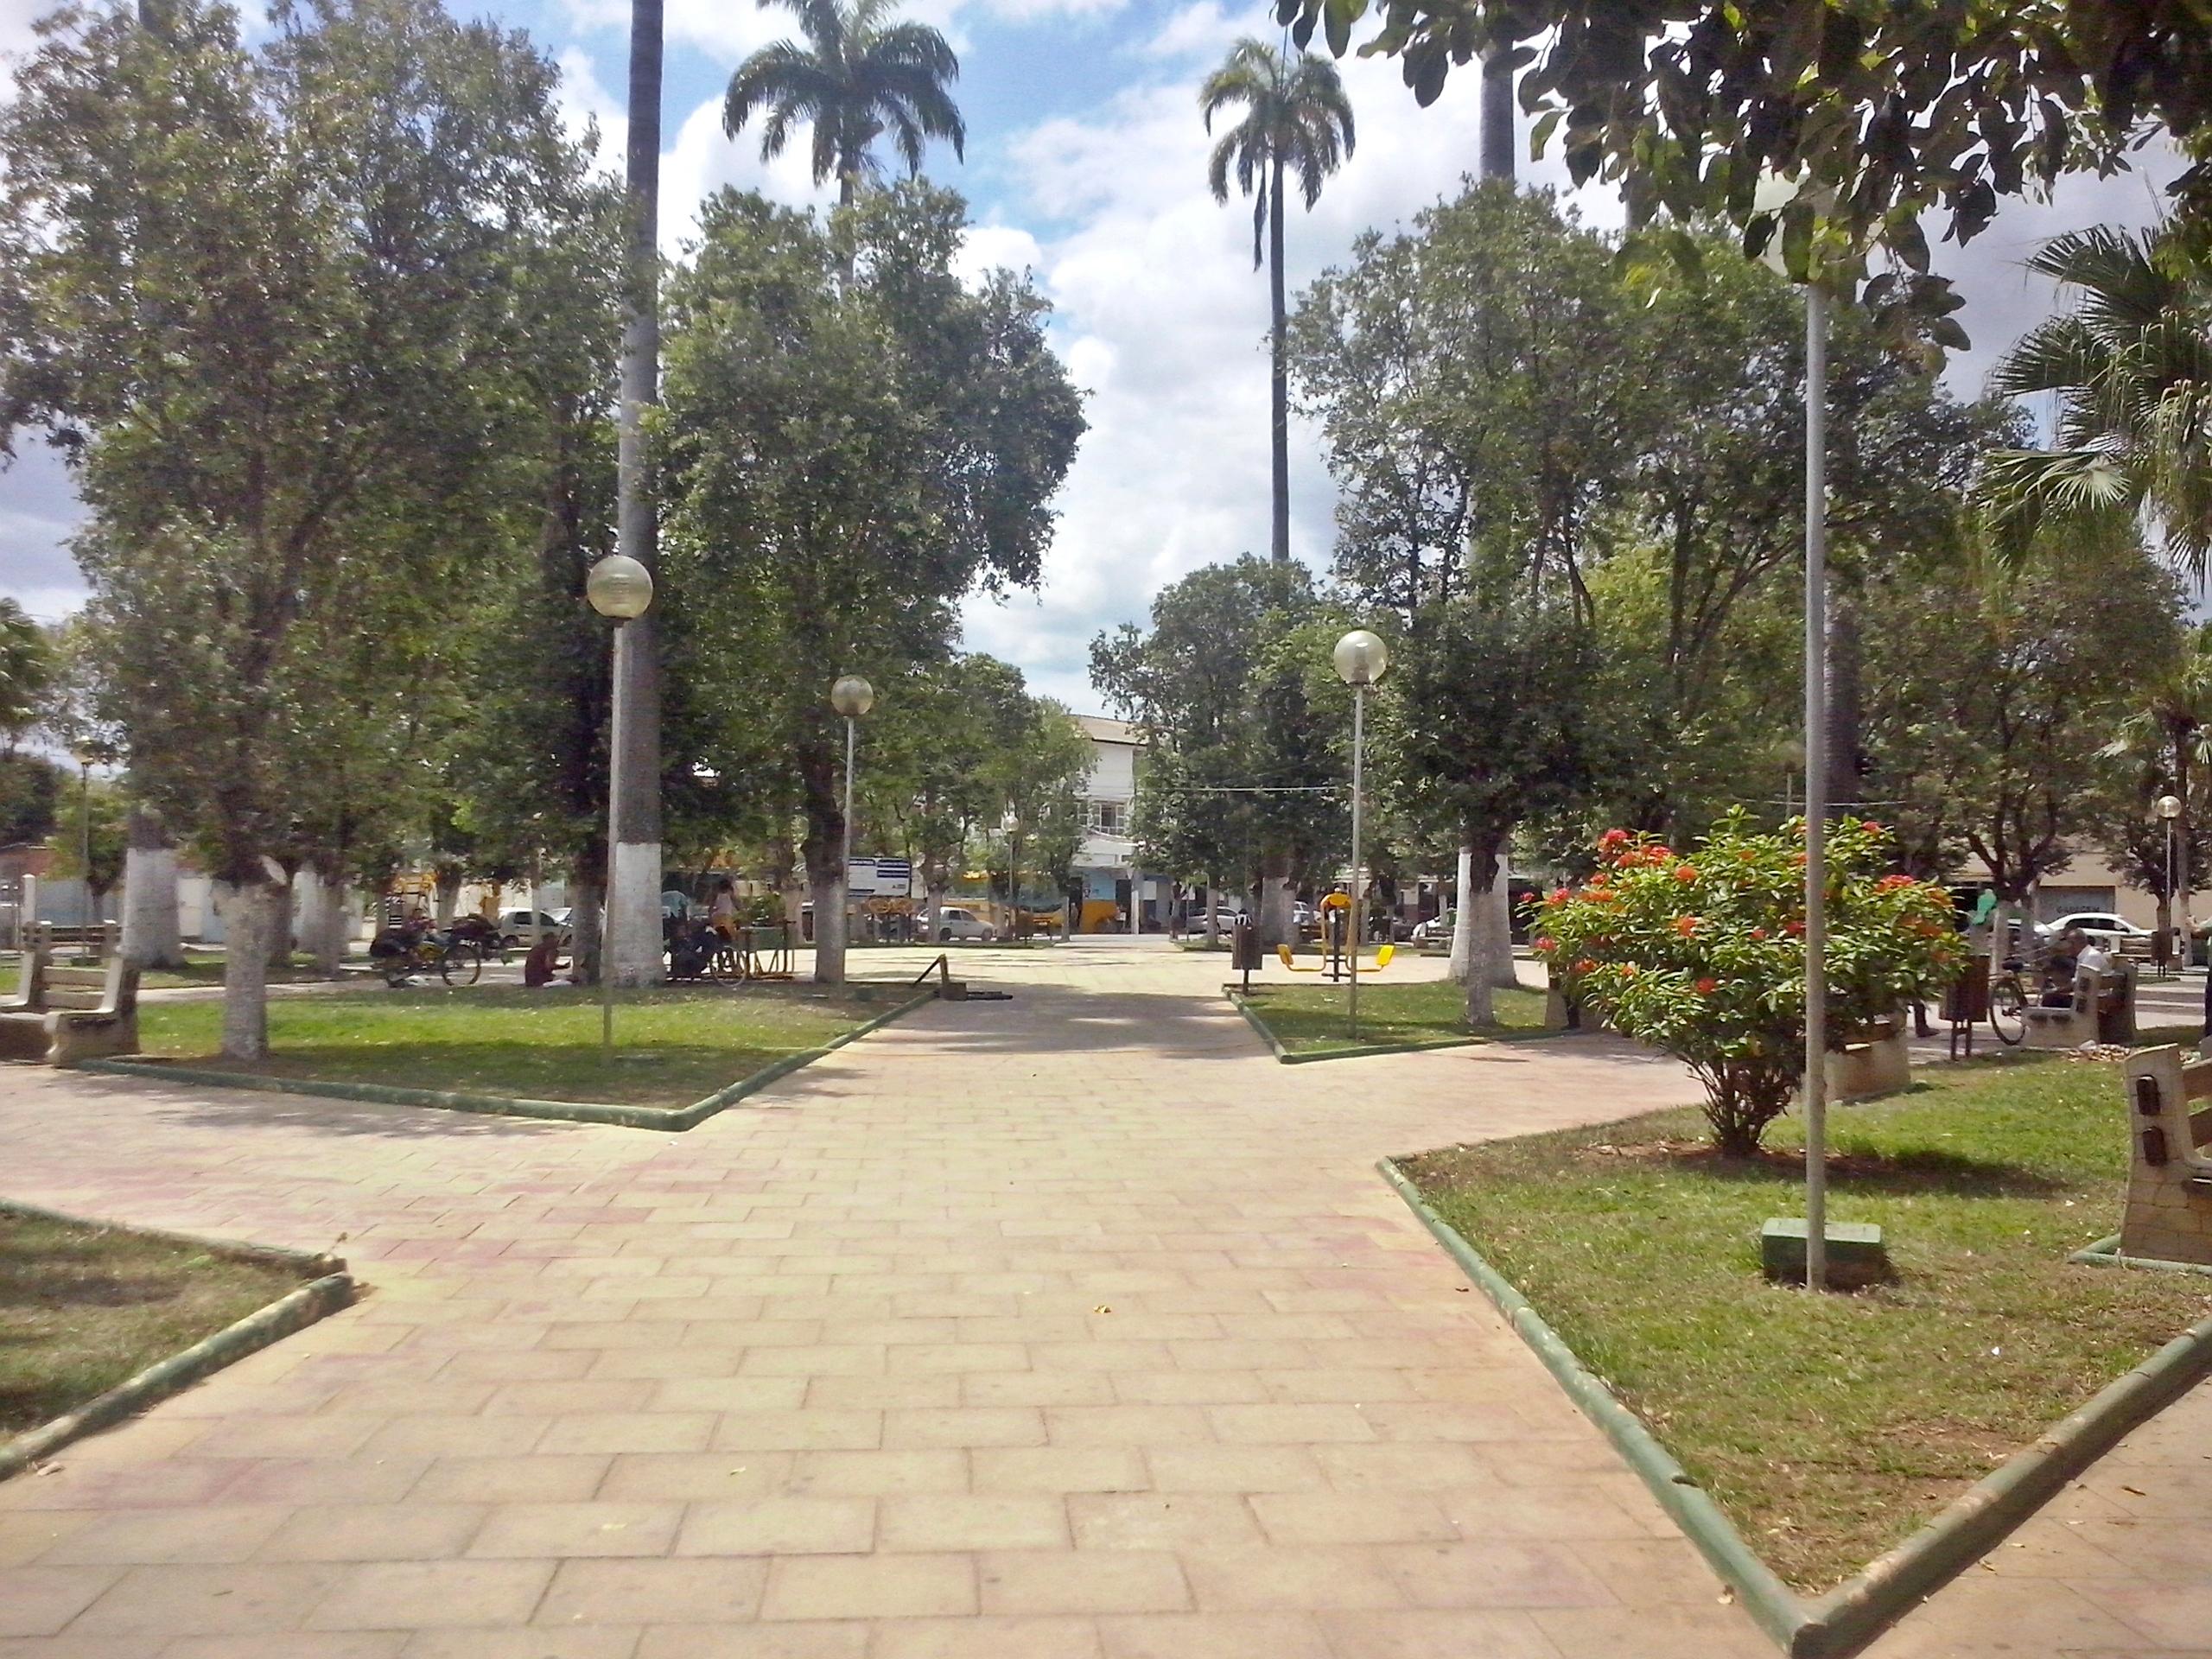 Conselheiro Pena Minas Gerais fonte: upload.wikimedia.org